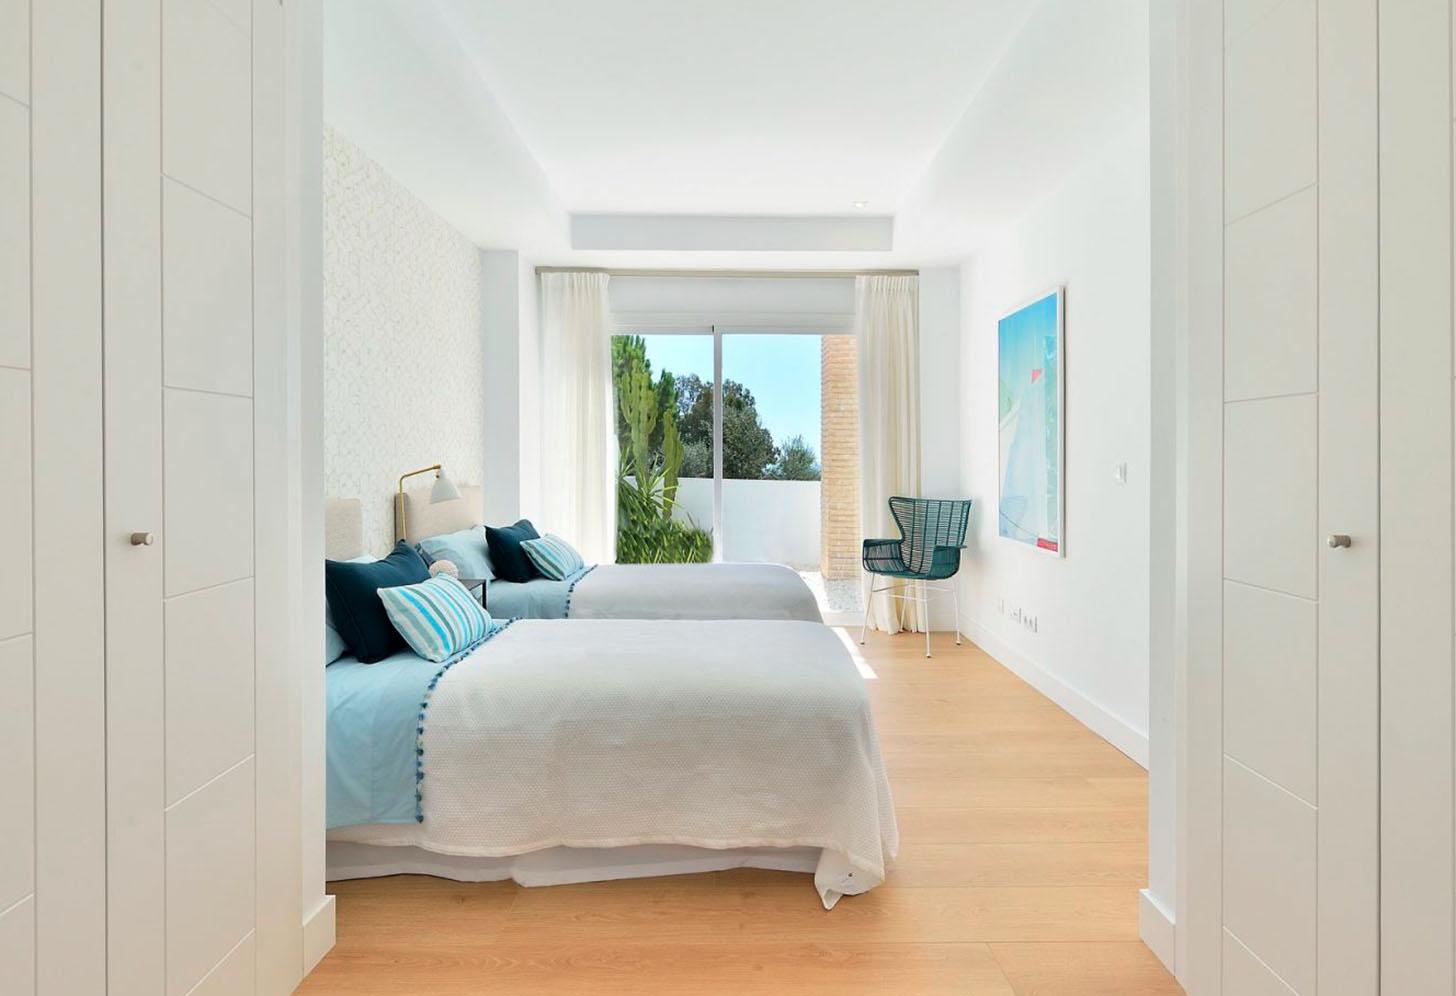 immobilier neuf espagne marbella chambre